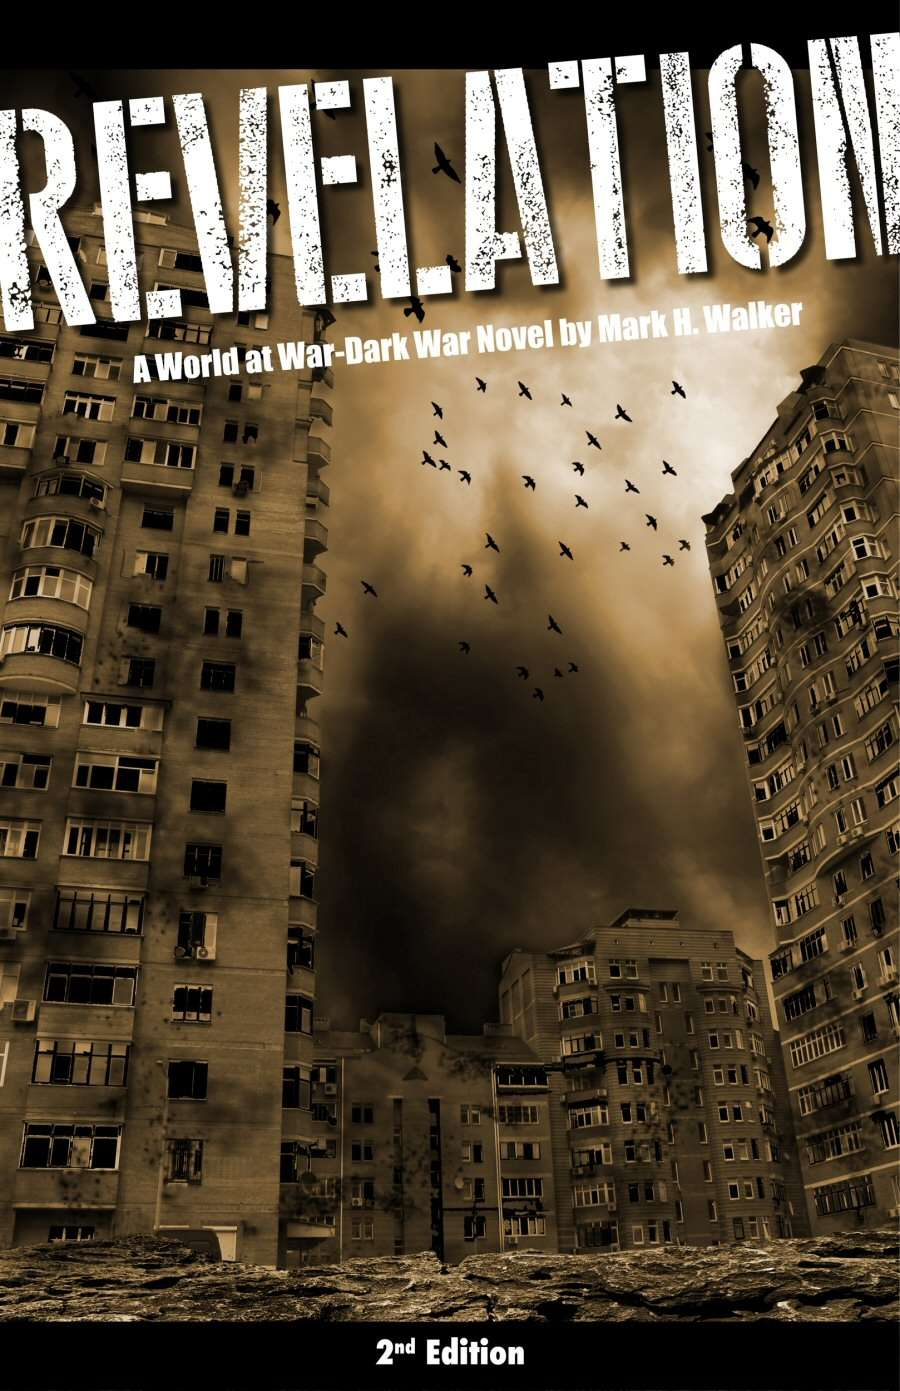 Revelation: A World at War - Dark War Series Novel